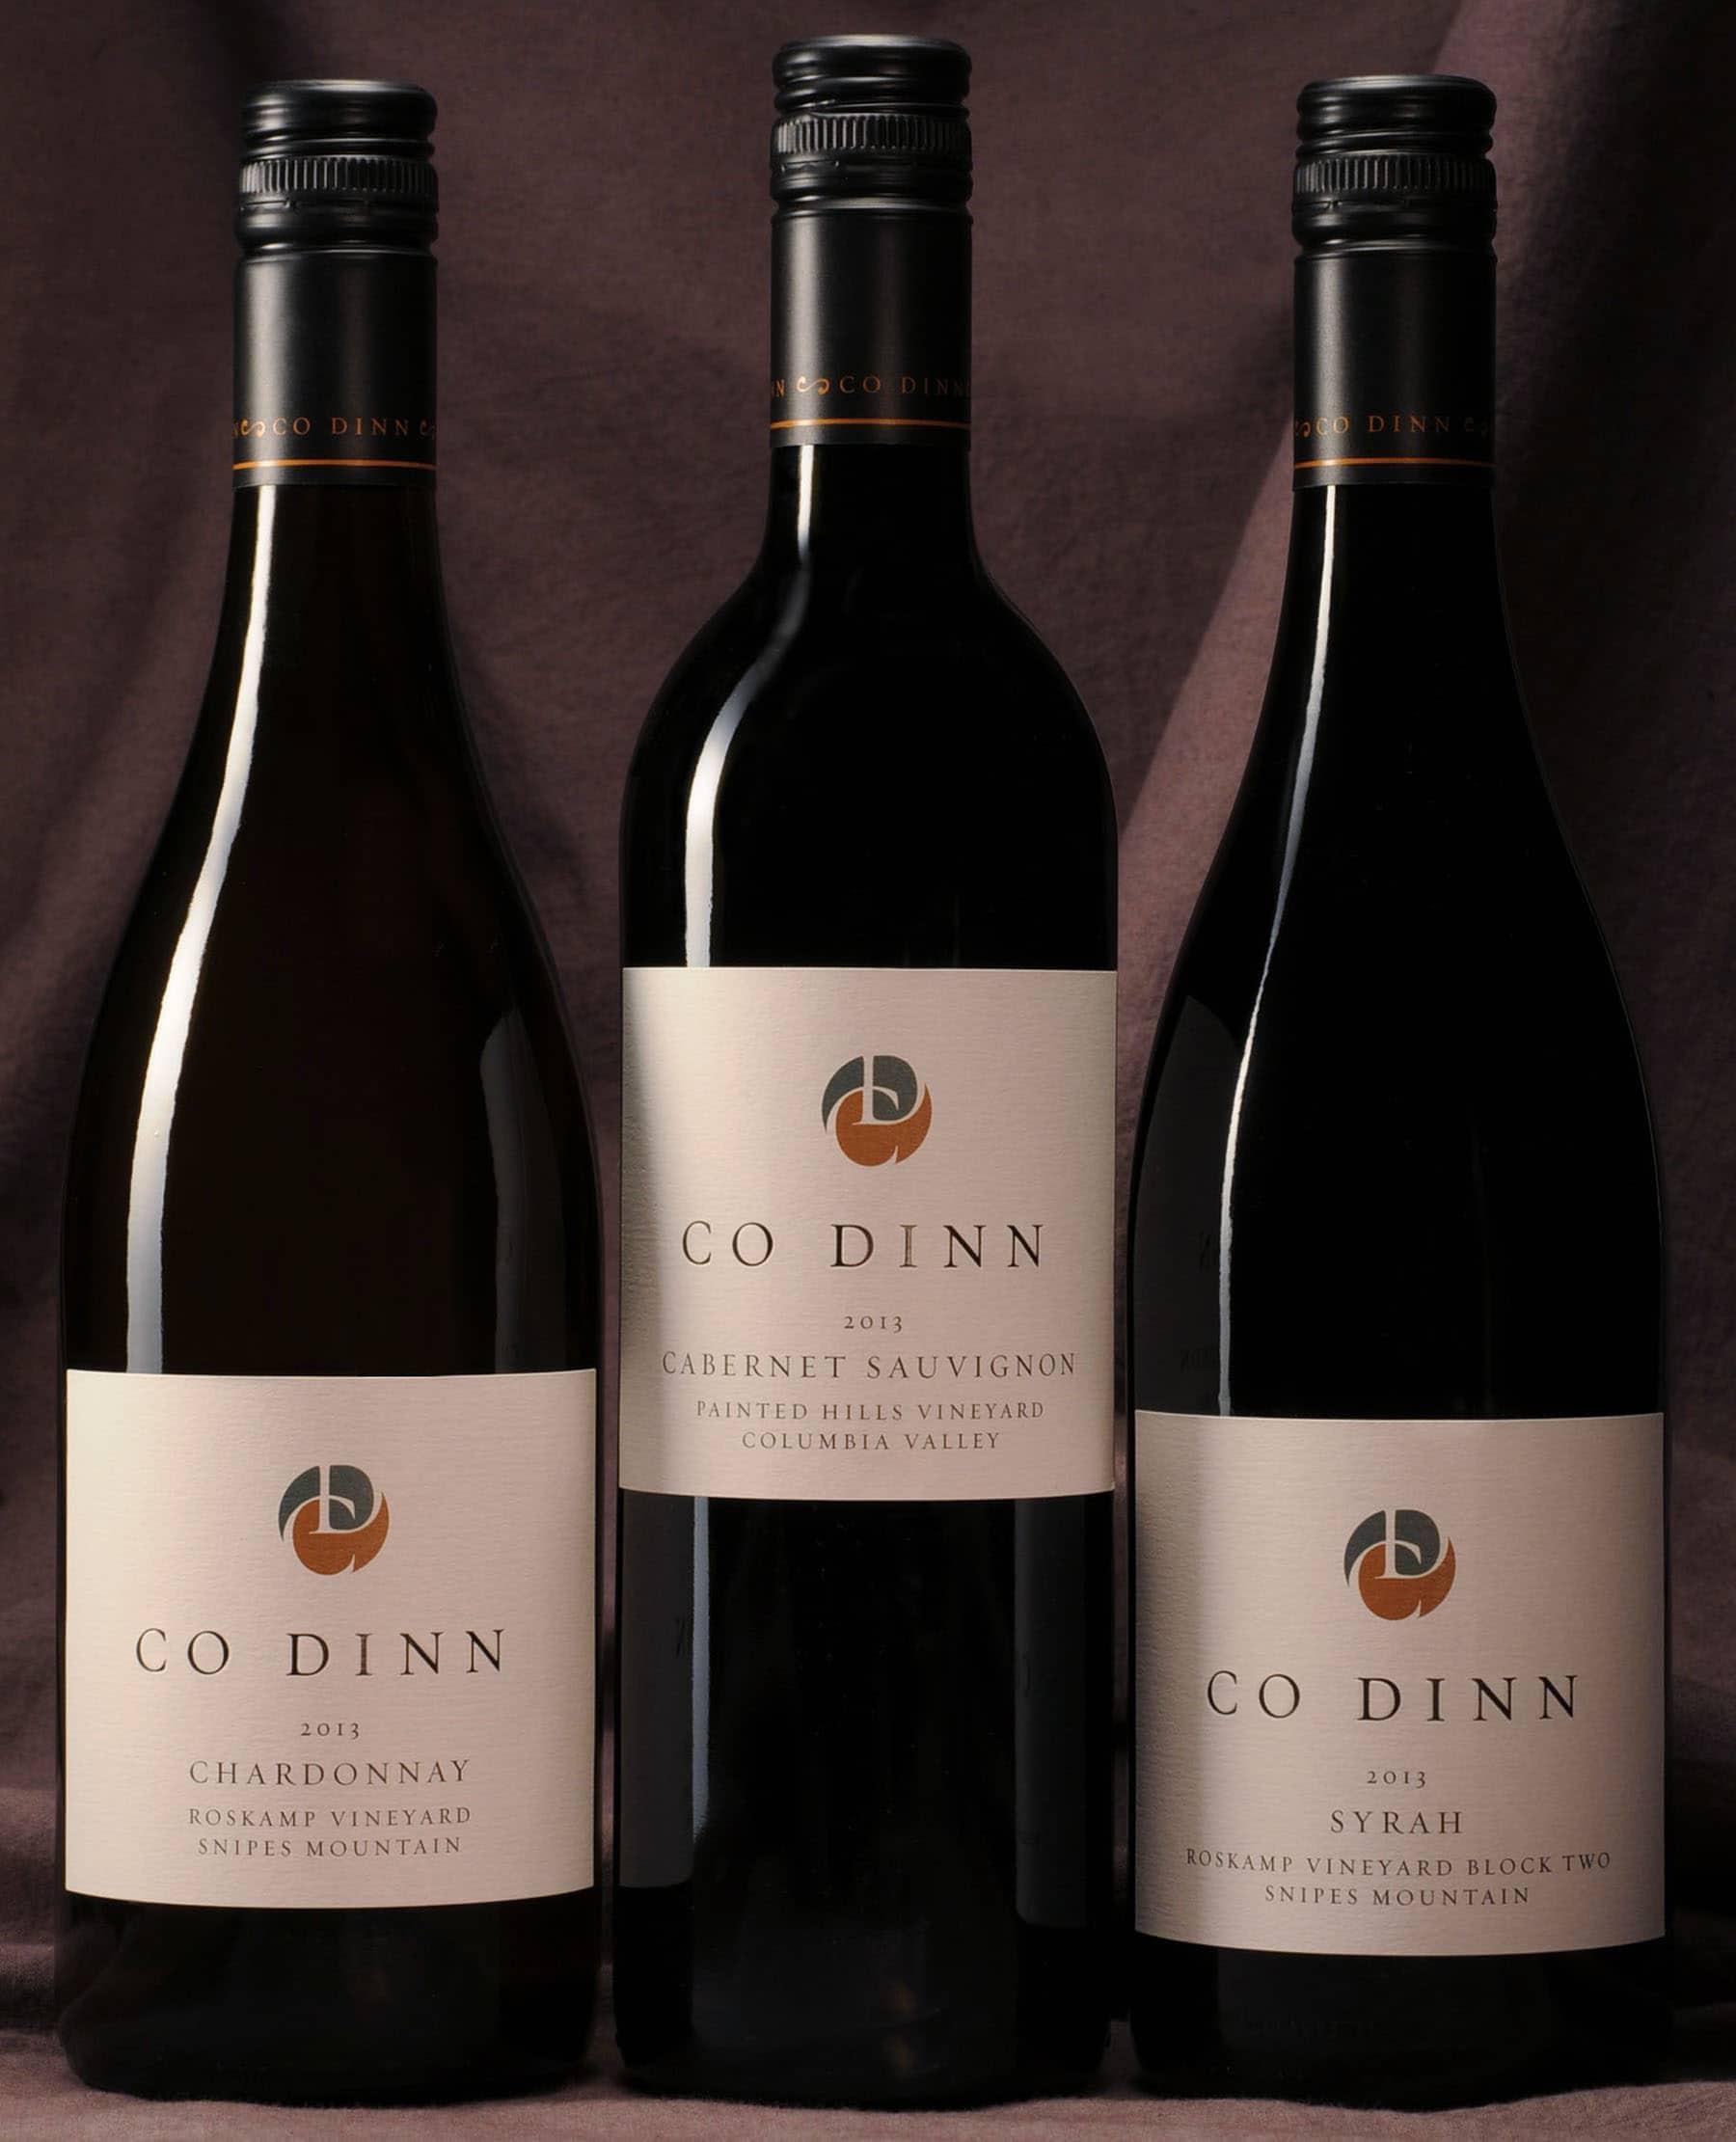 Co Dinn Cellars wine bottles